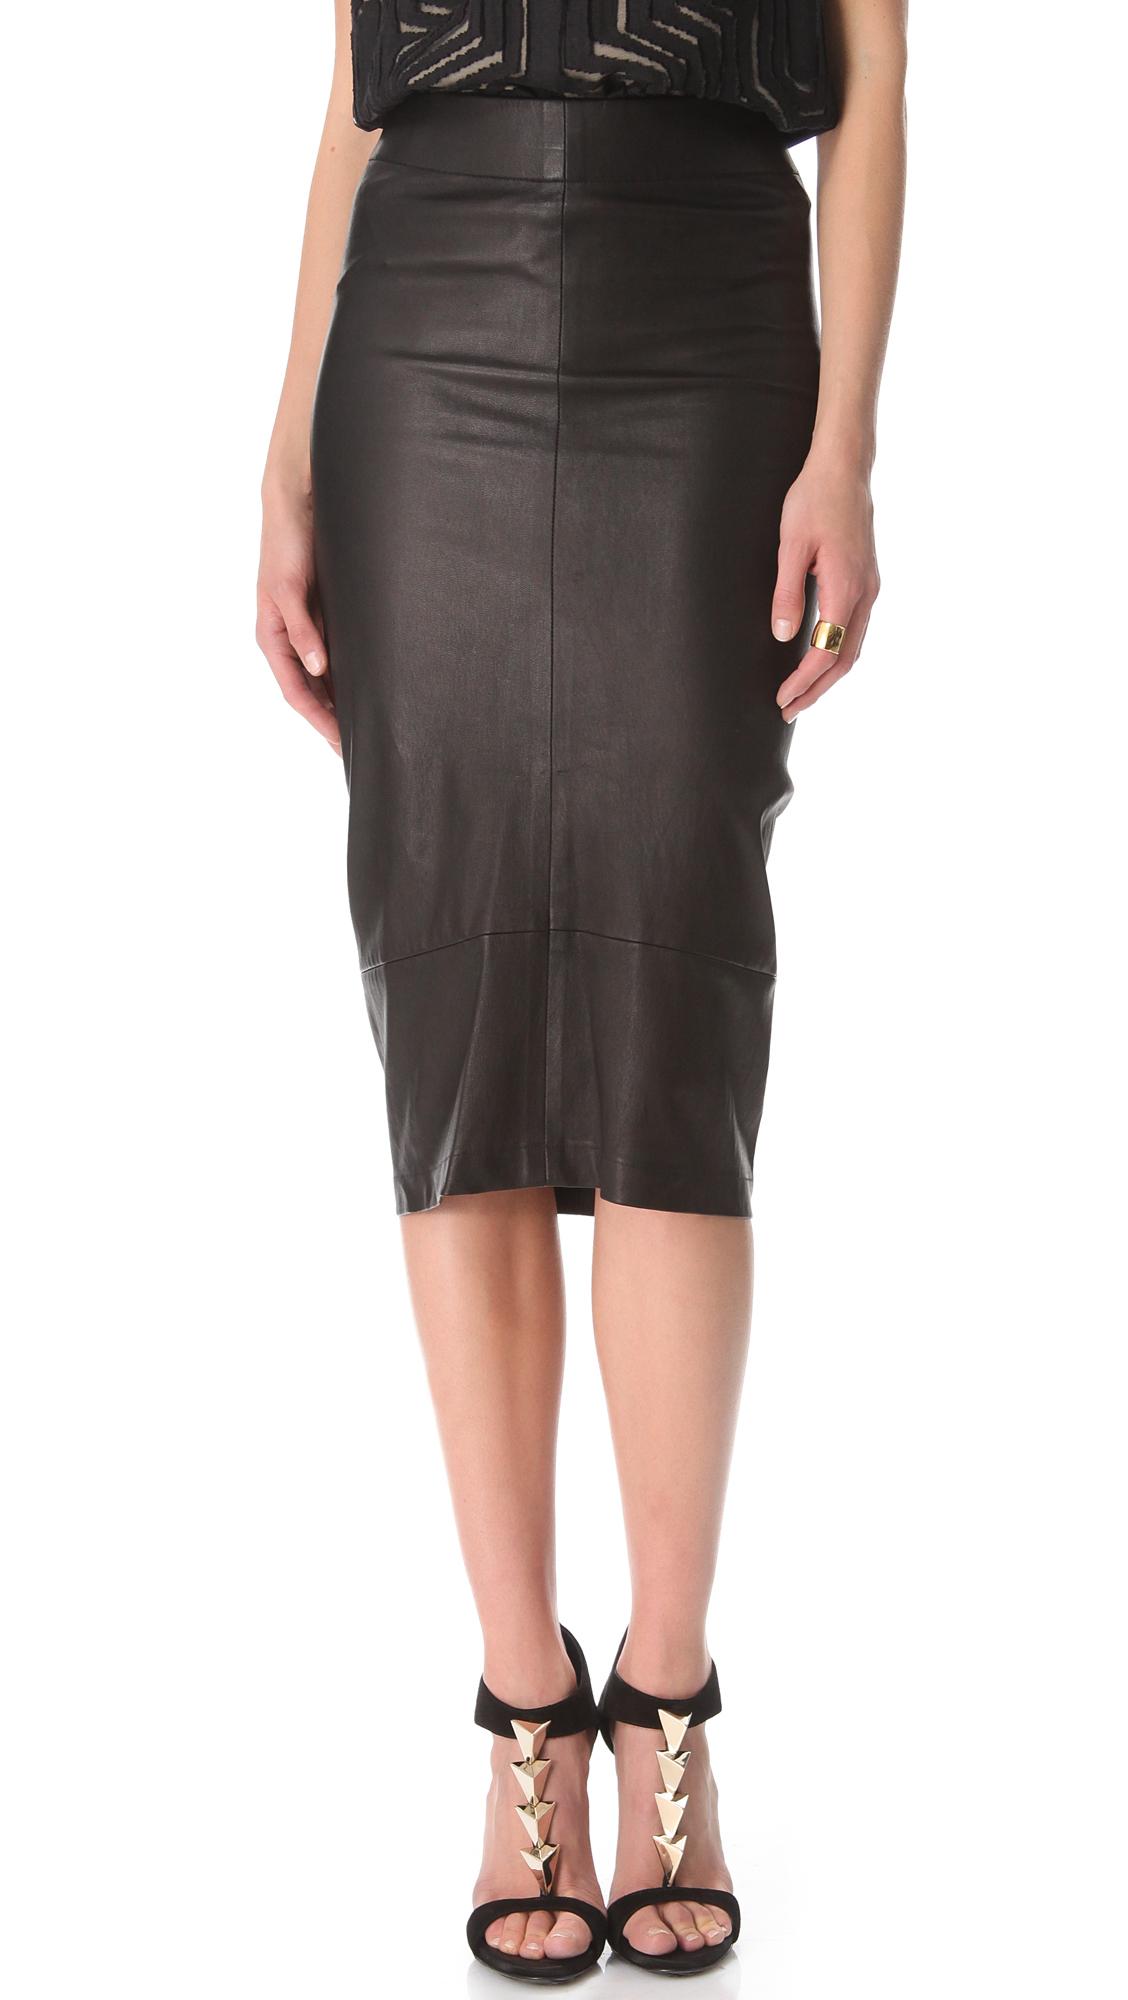 SKIRTS - Long skirts Zero + Maria Cornejo Cheap Wide Range Of Buy Cheap For Cheap Cheap Sale Ebay g6eF14